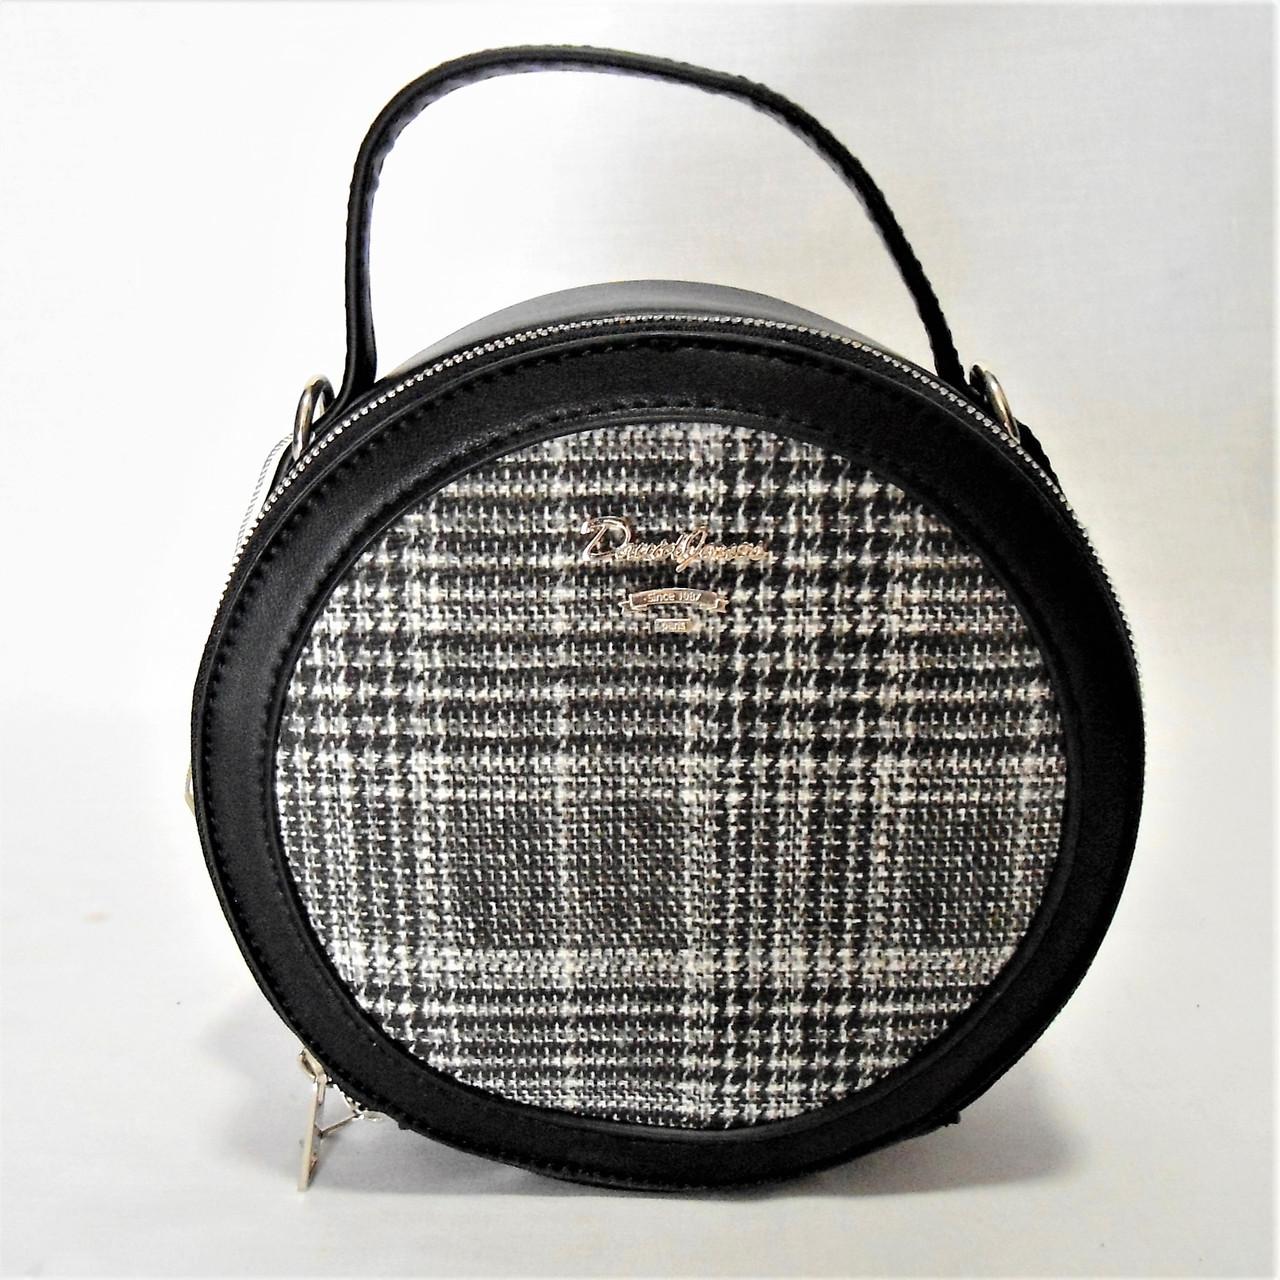 Круглая женская сумочка DAVID DJONES черного цвета DDT-020807, фото 1